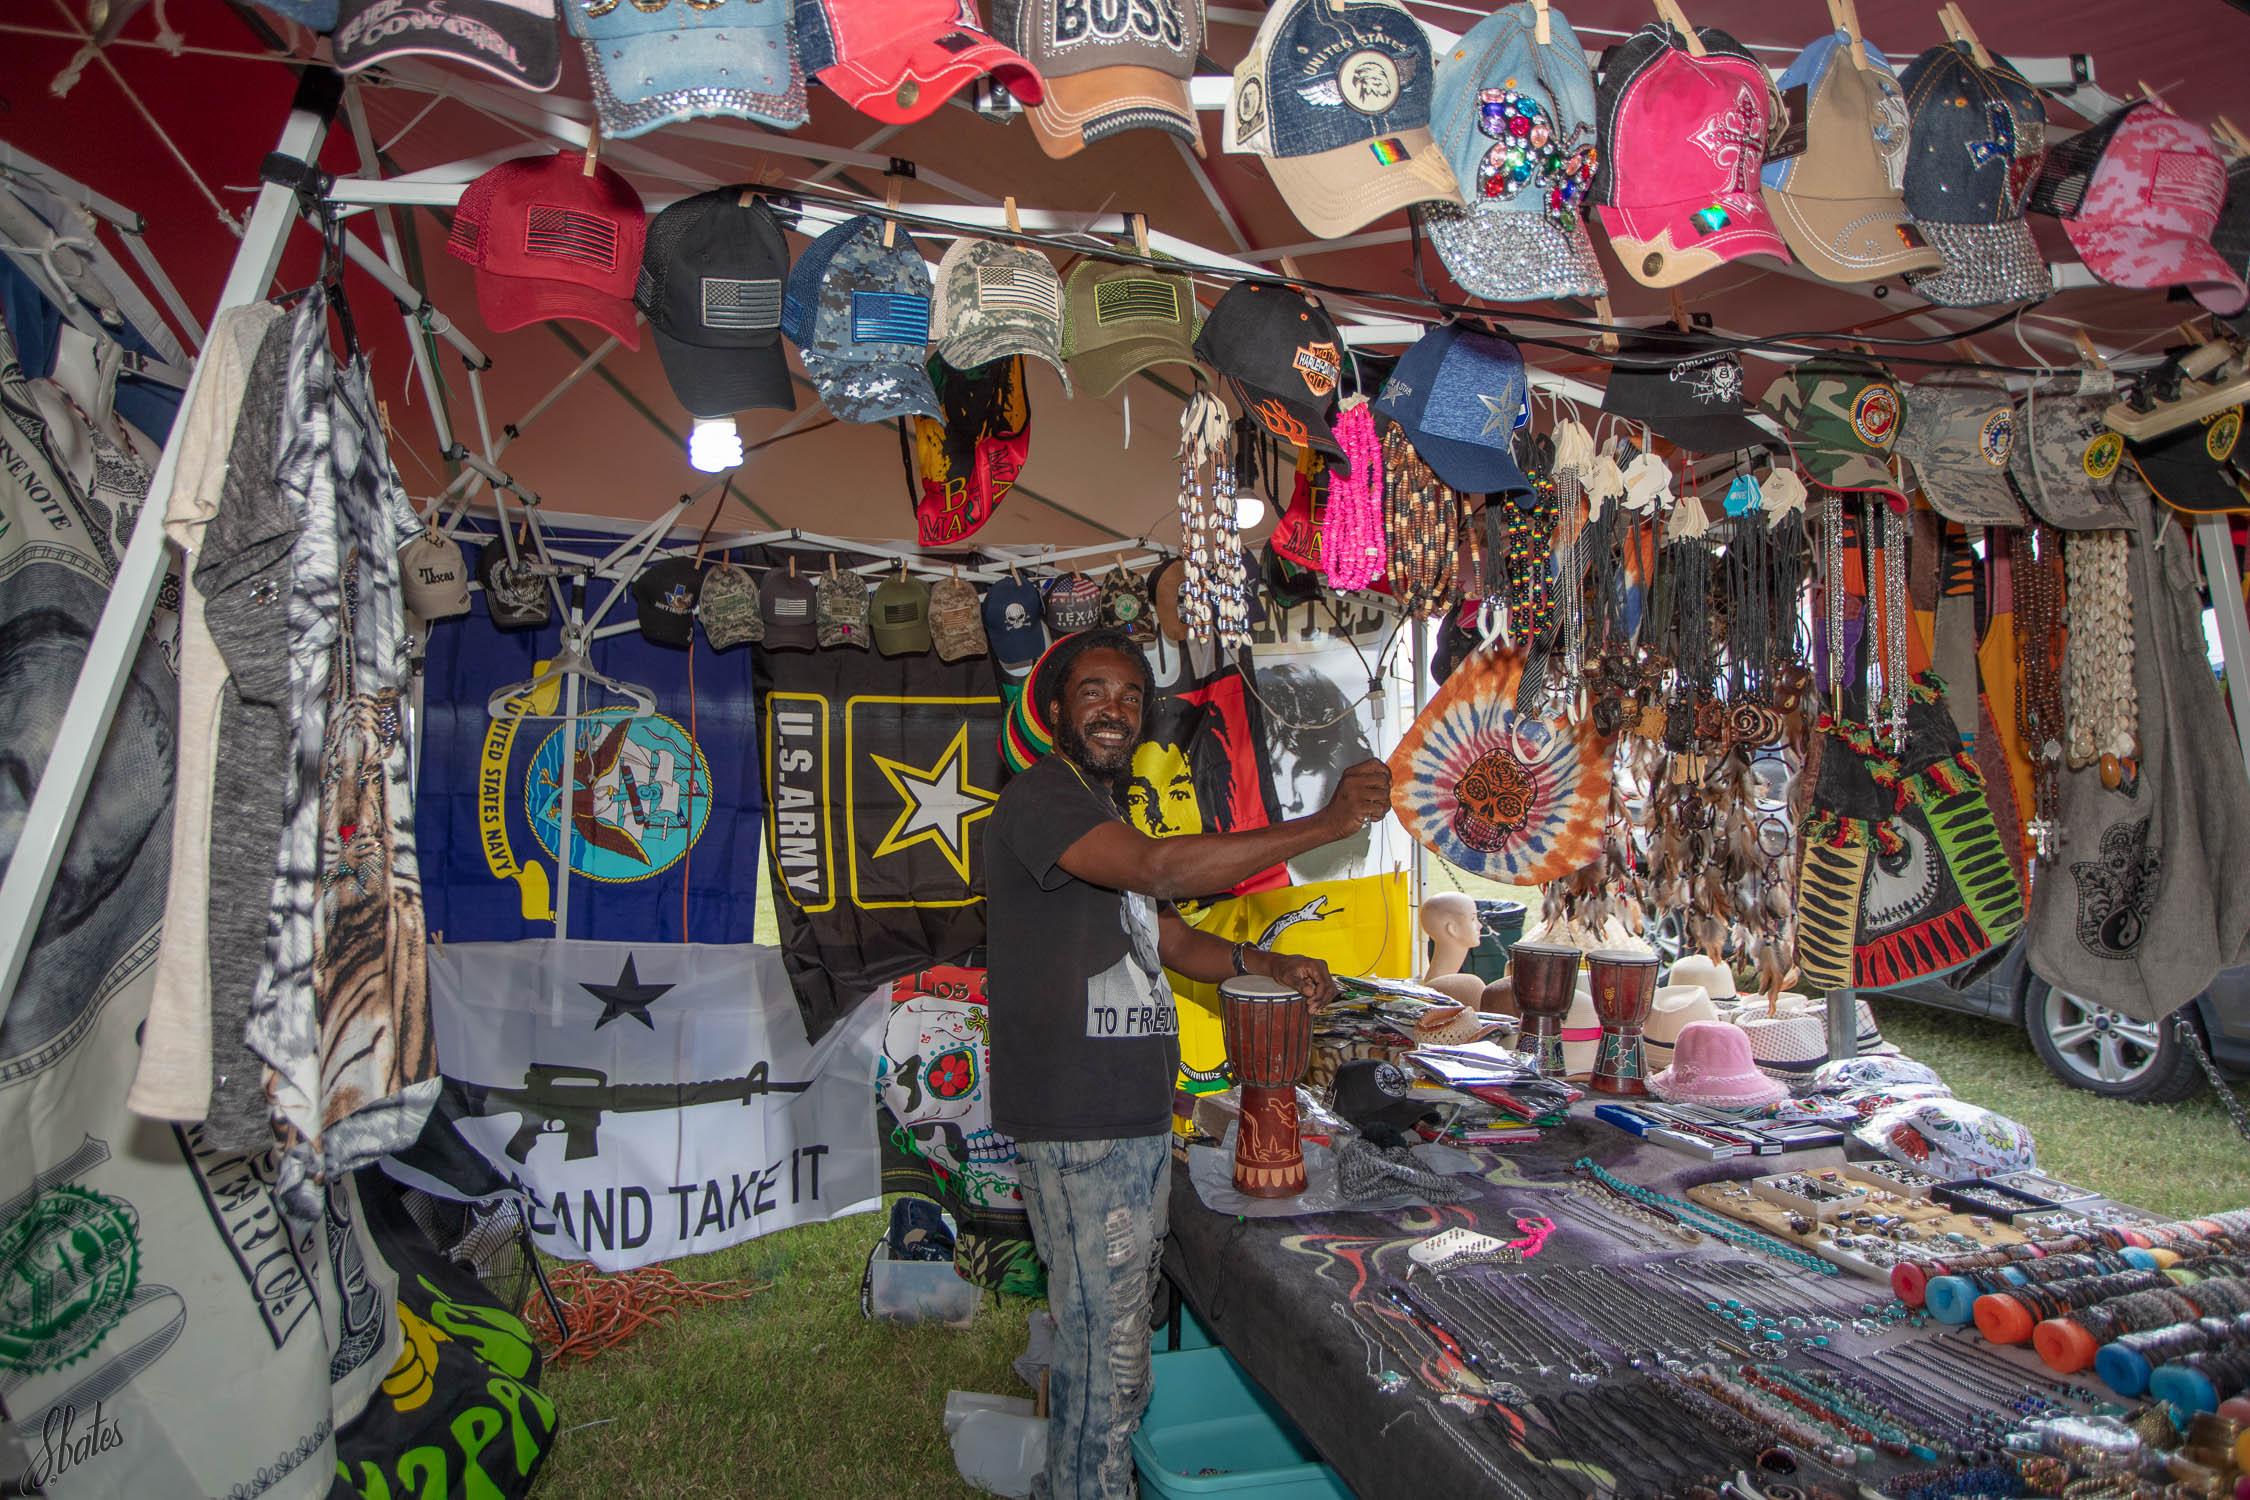 Vendor from Ghana, Africa.